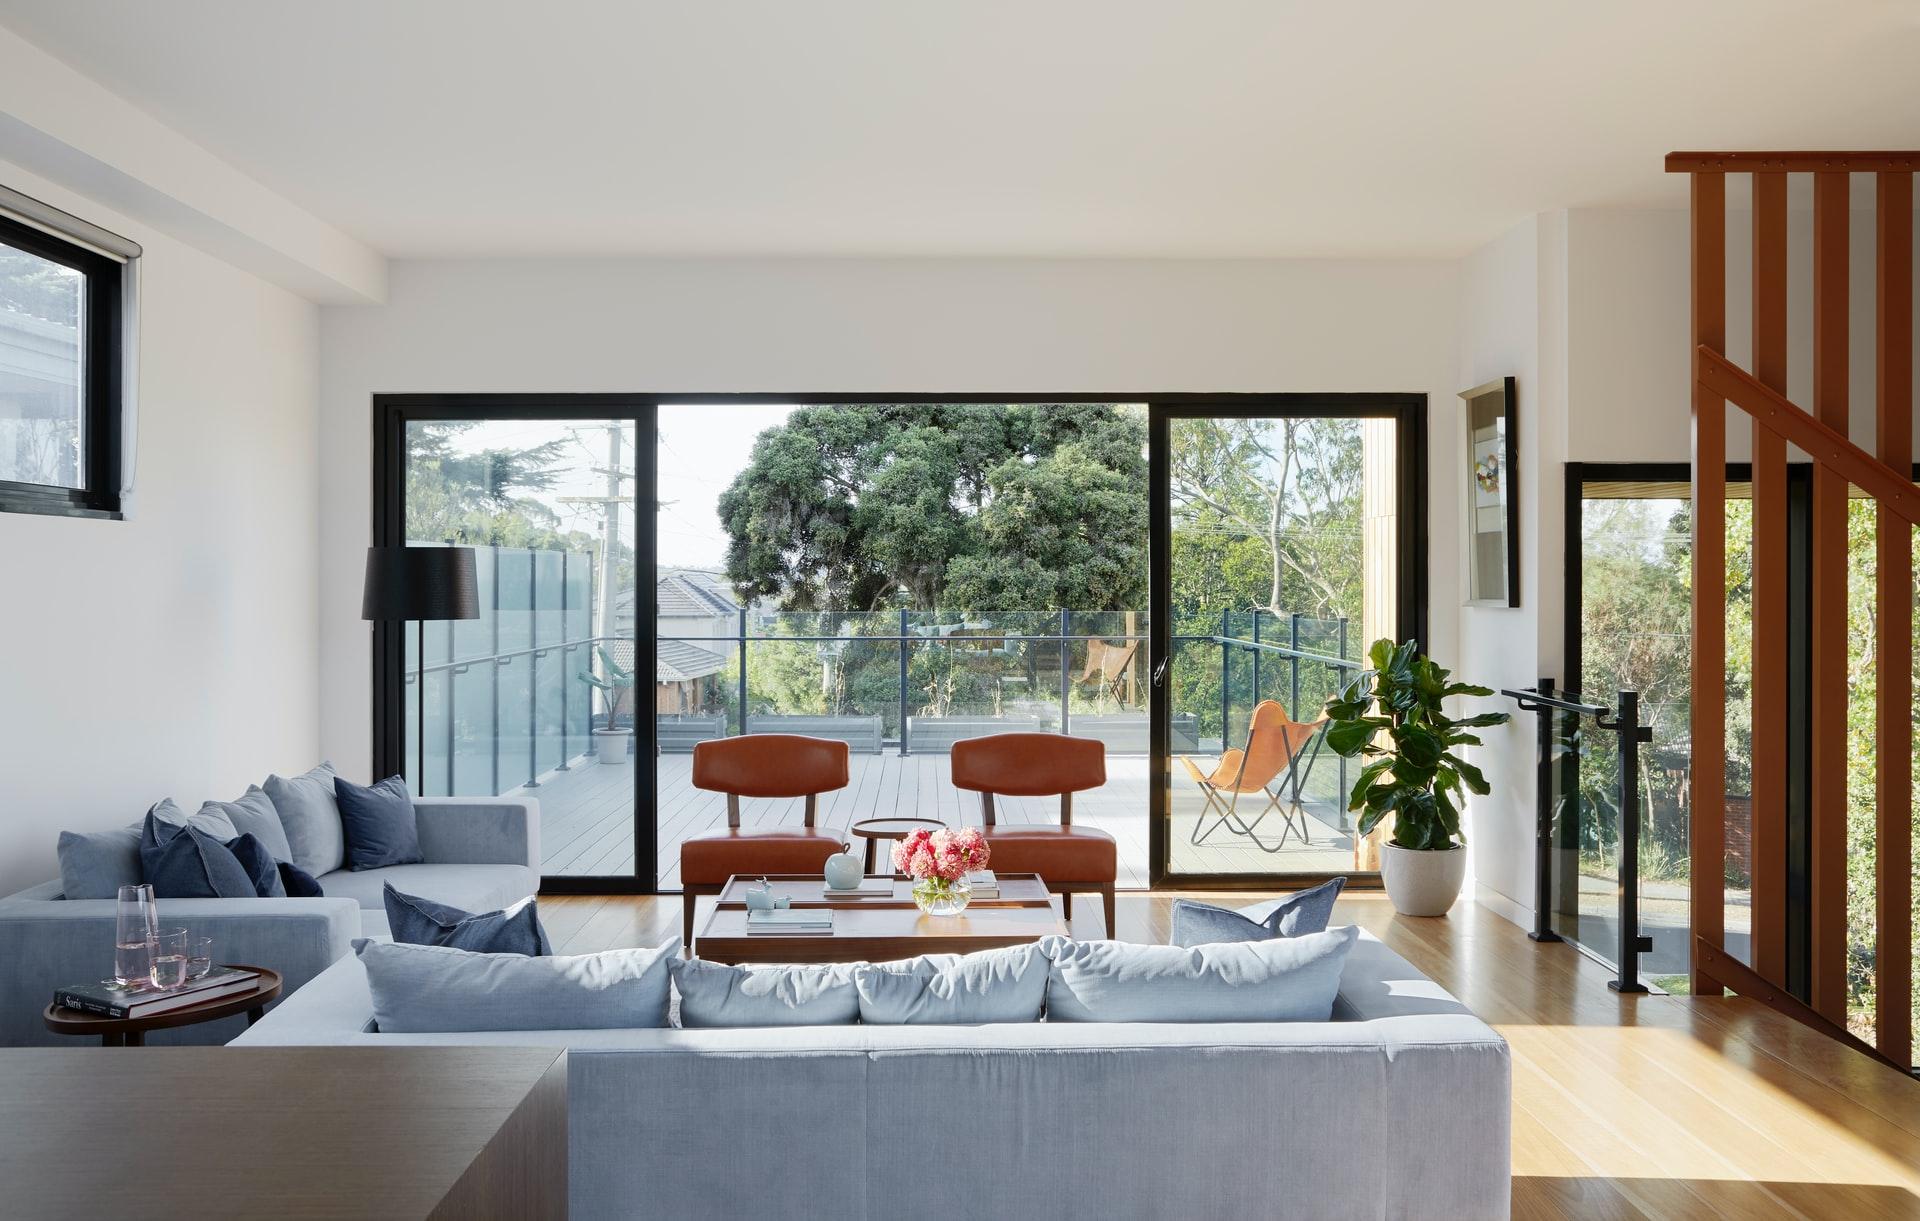 Optimiser des ondes positives dans votre maison